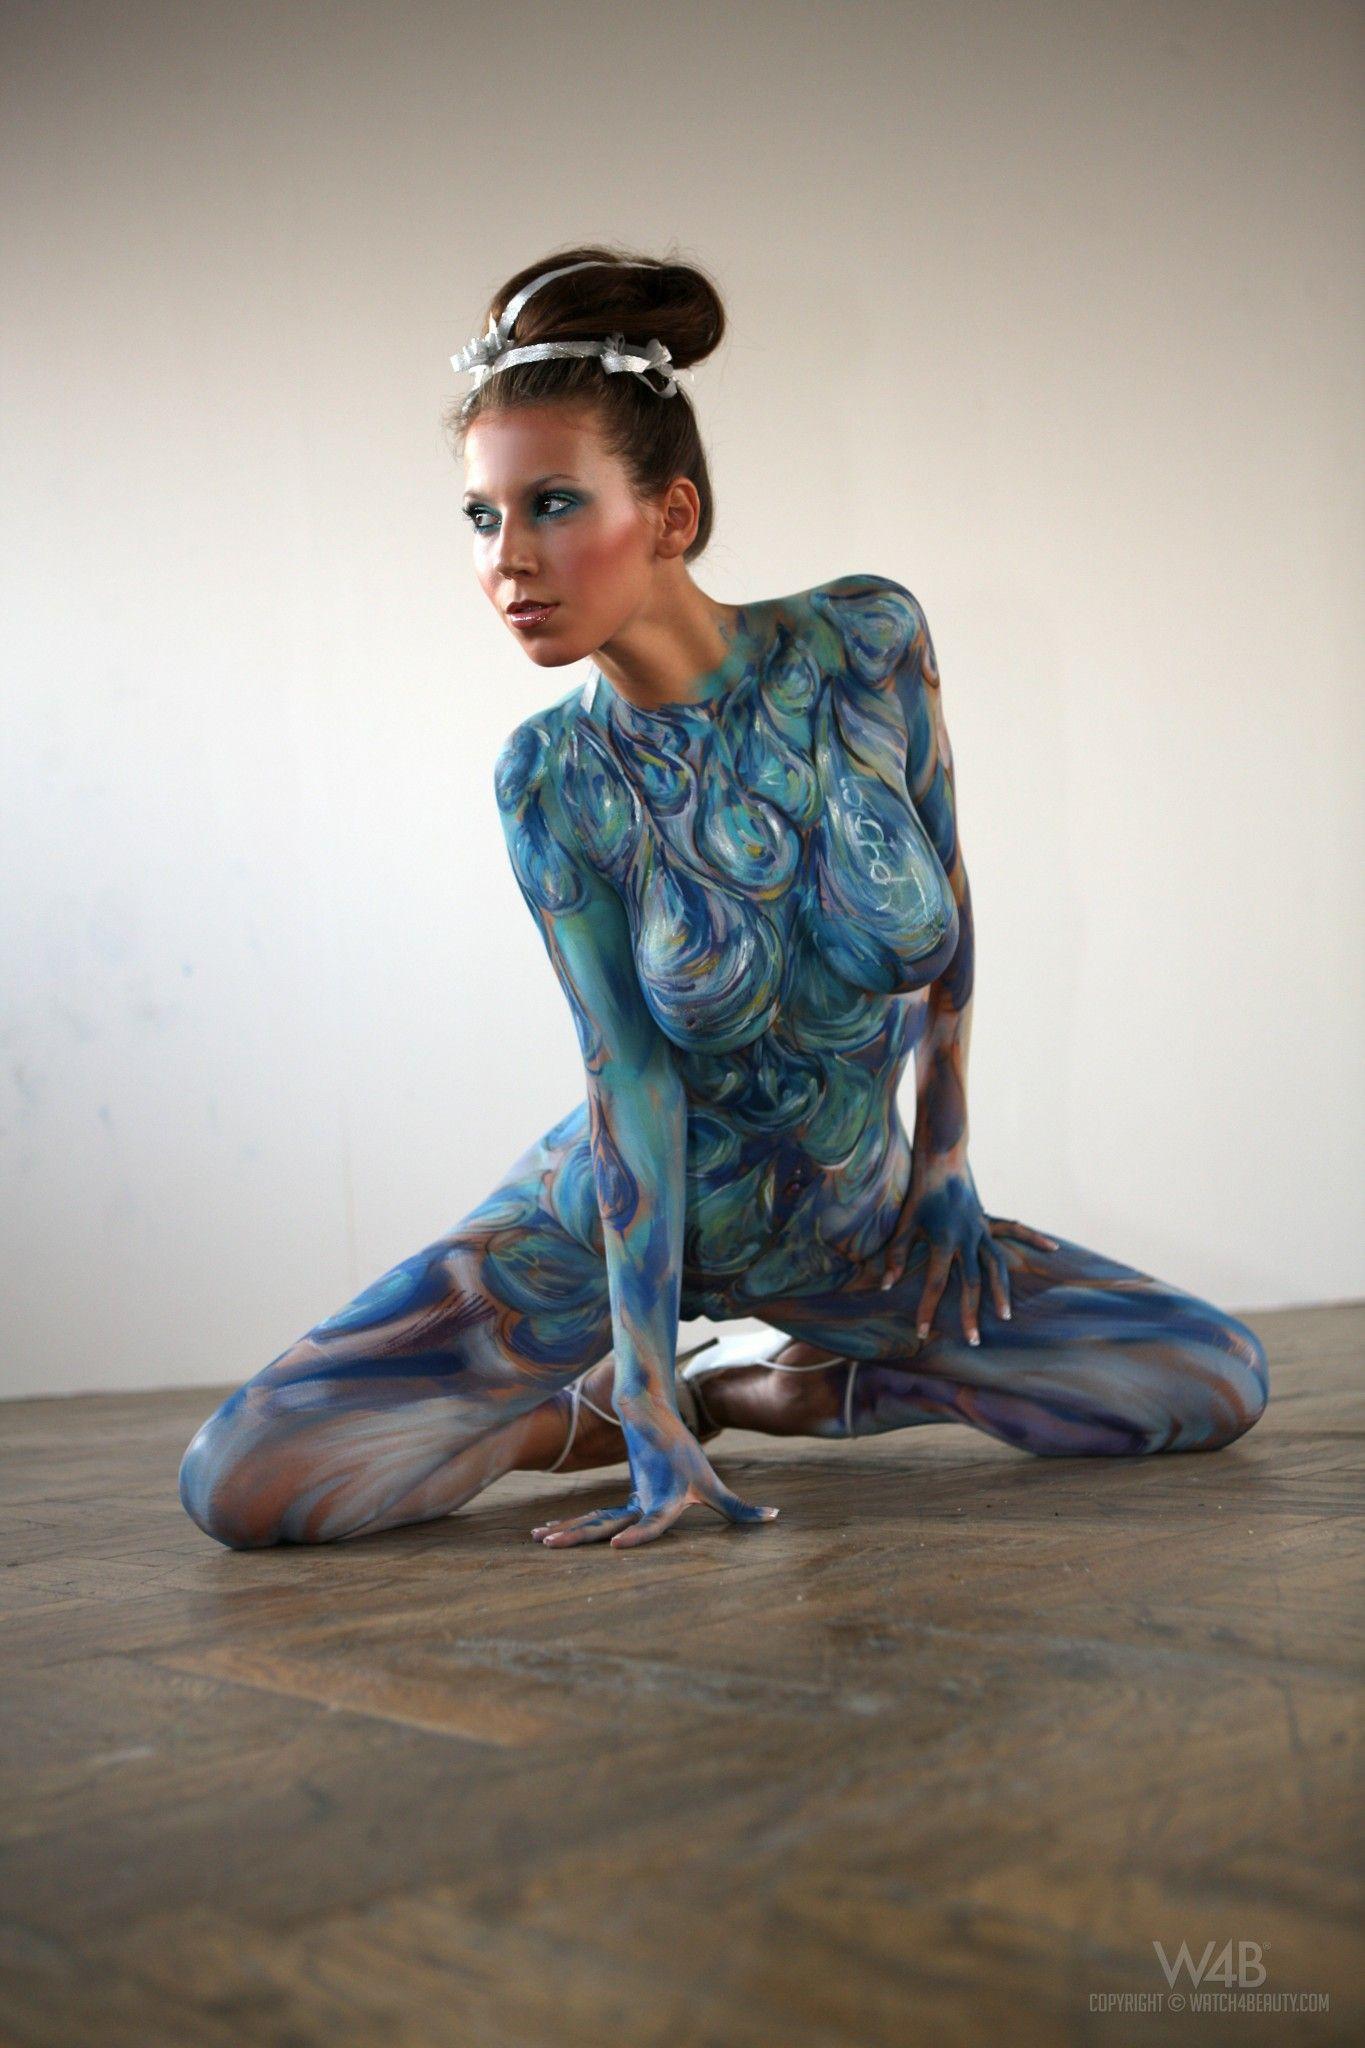 ボード「Nude body art」のピン